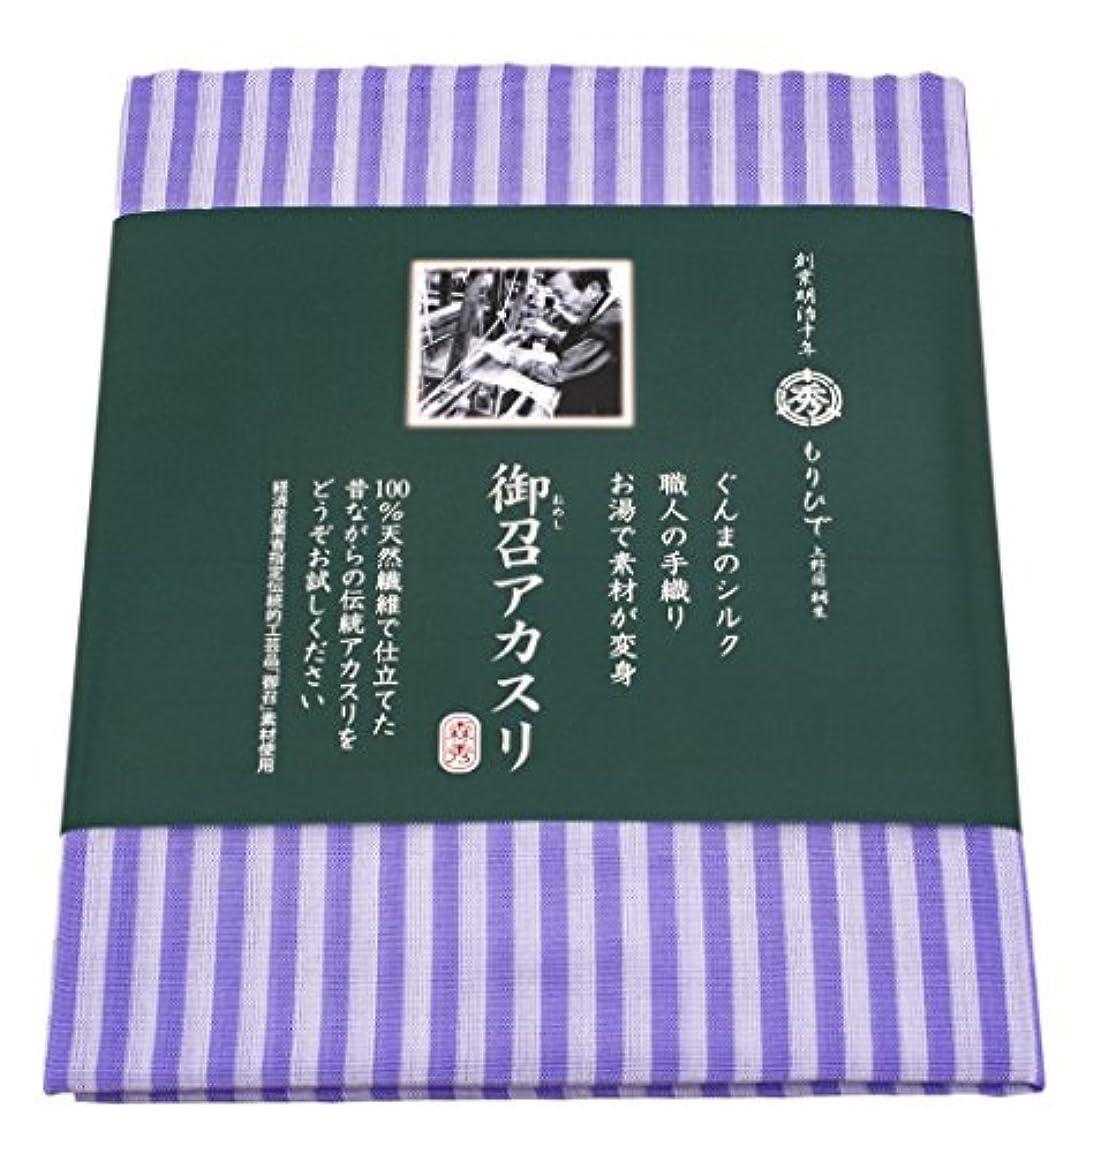 それに応じて外部拮抗する森秀織物 御召アカスリ [ ぐんまシルク 紫先染 / 120×40cm ] ボディウォッシュタオル 国産シルク100% あかすり (日本製)